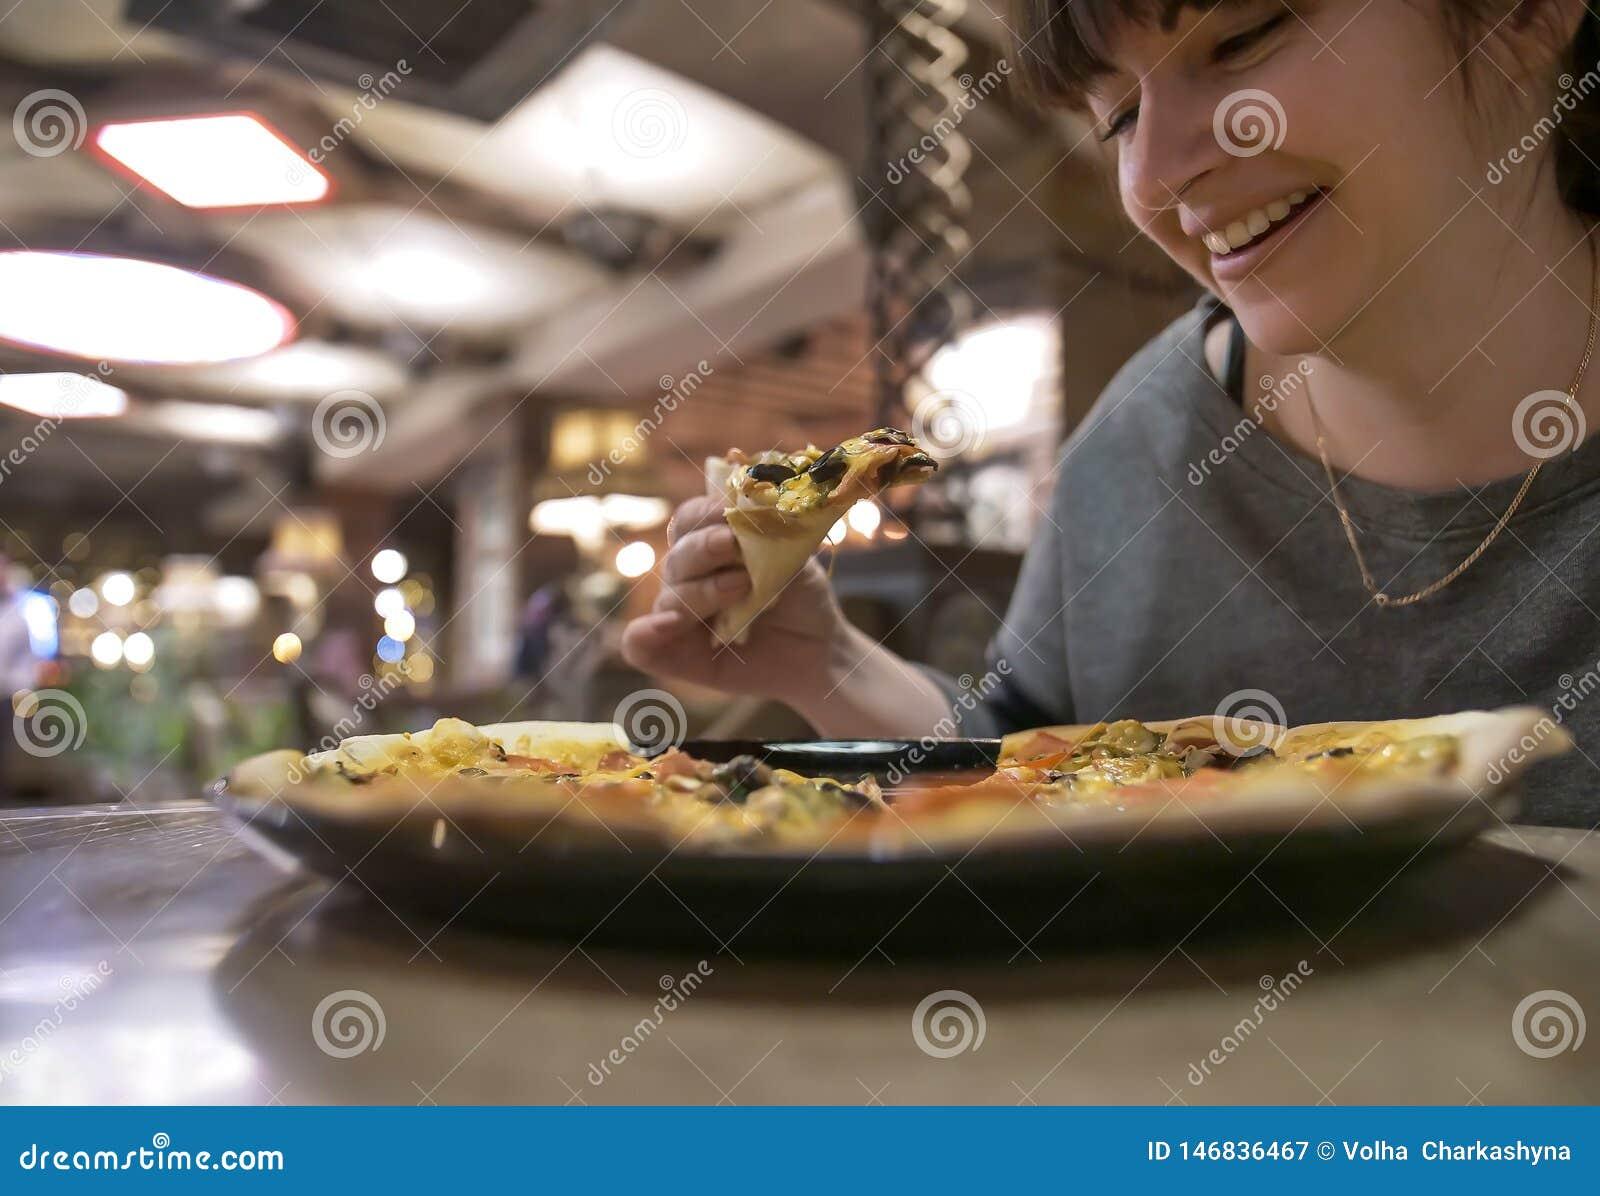 Młoda uśmiechnięta kobieta trzyma plasterek pizza podczas gdy siedzący w kawiarni, w górę